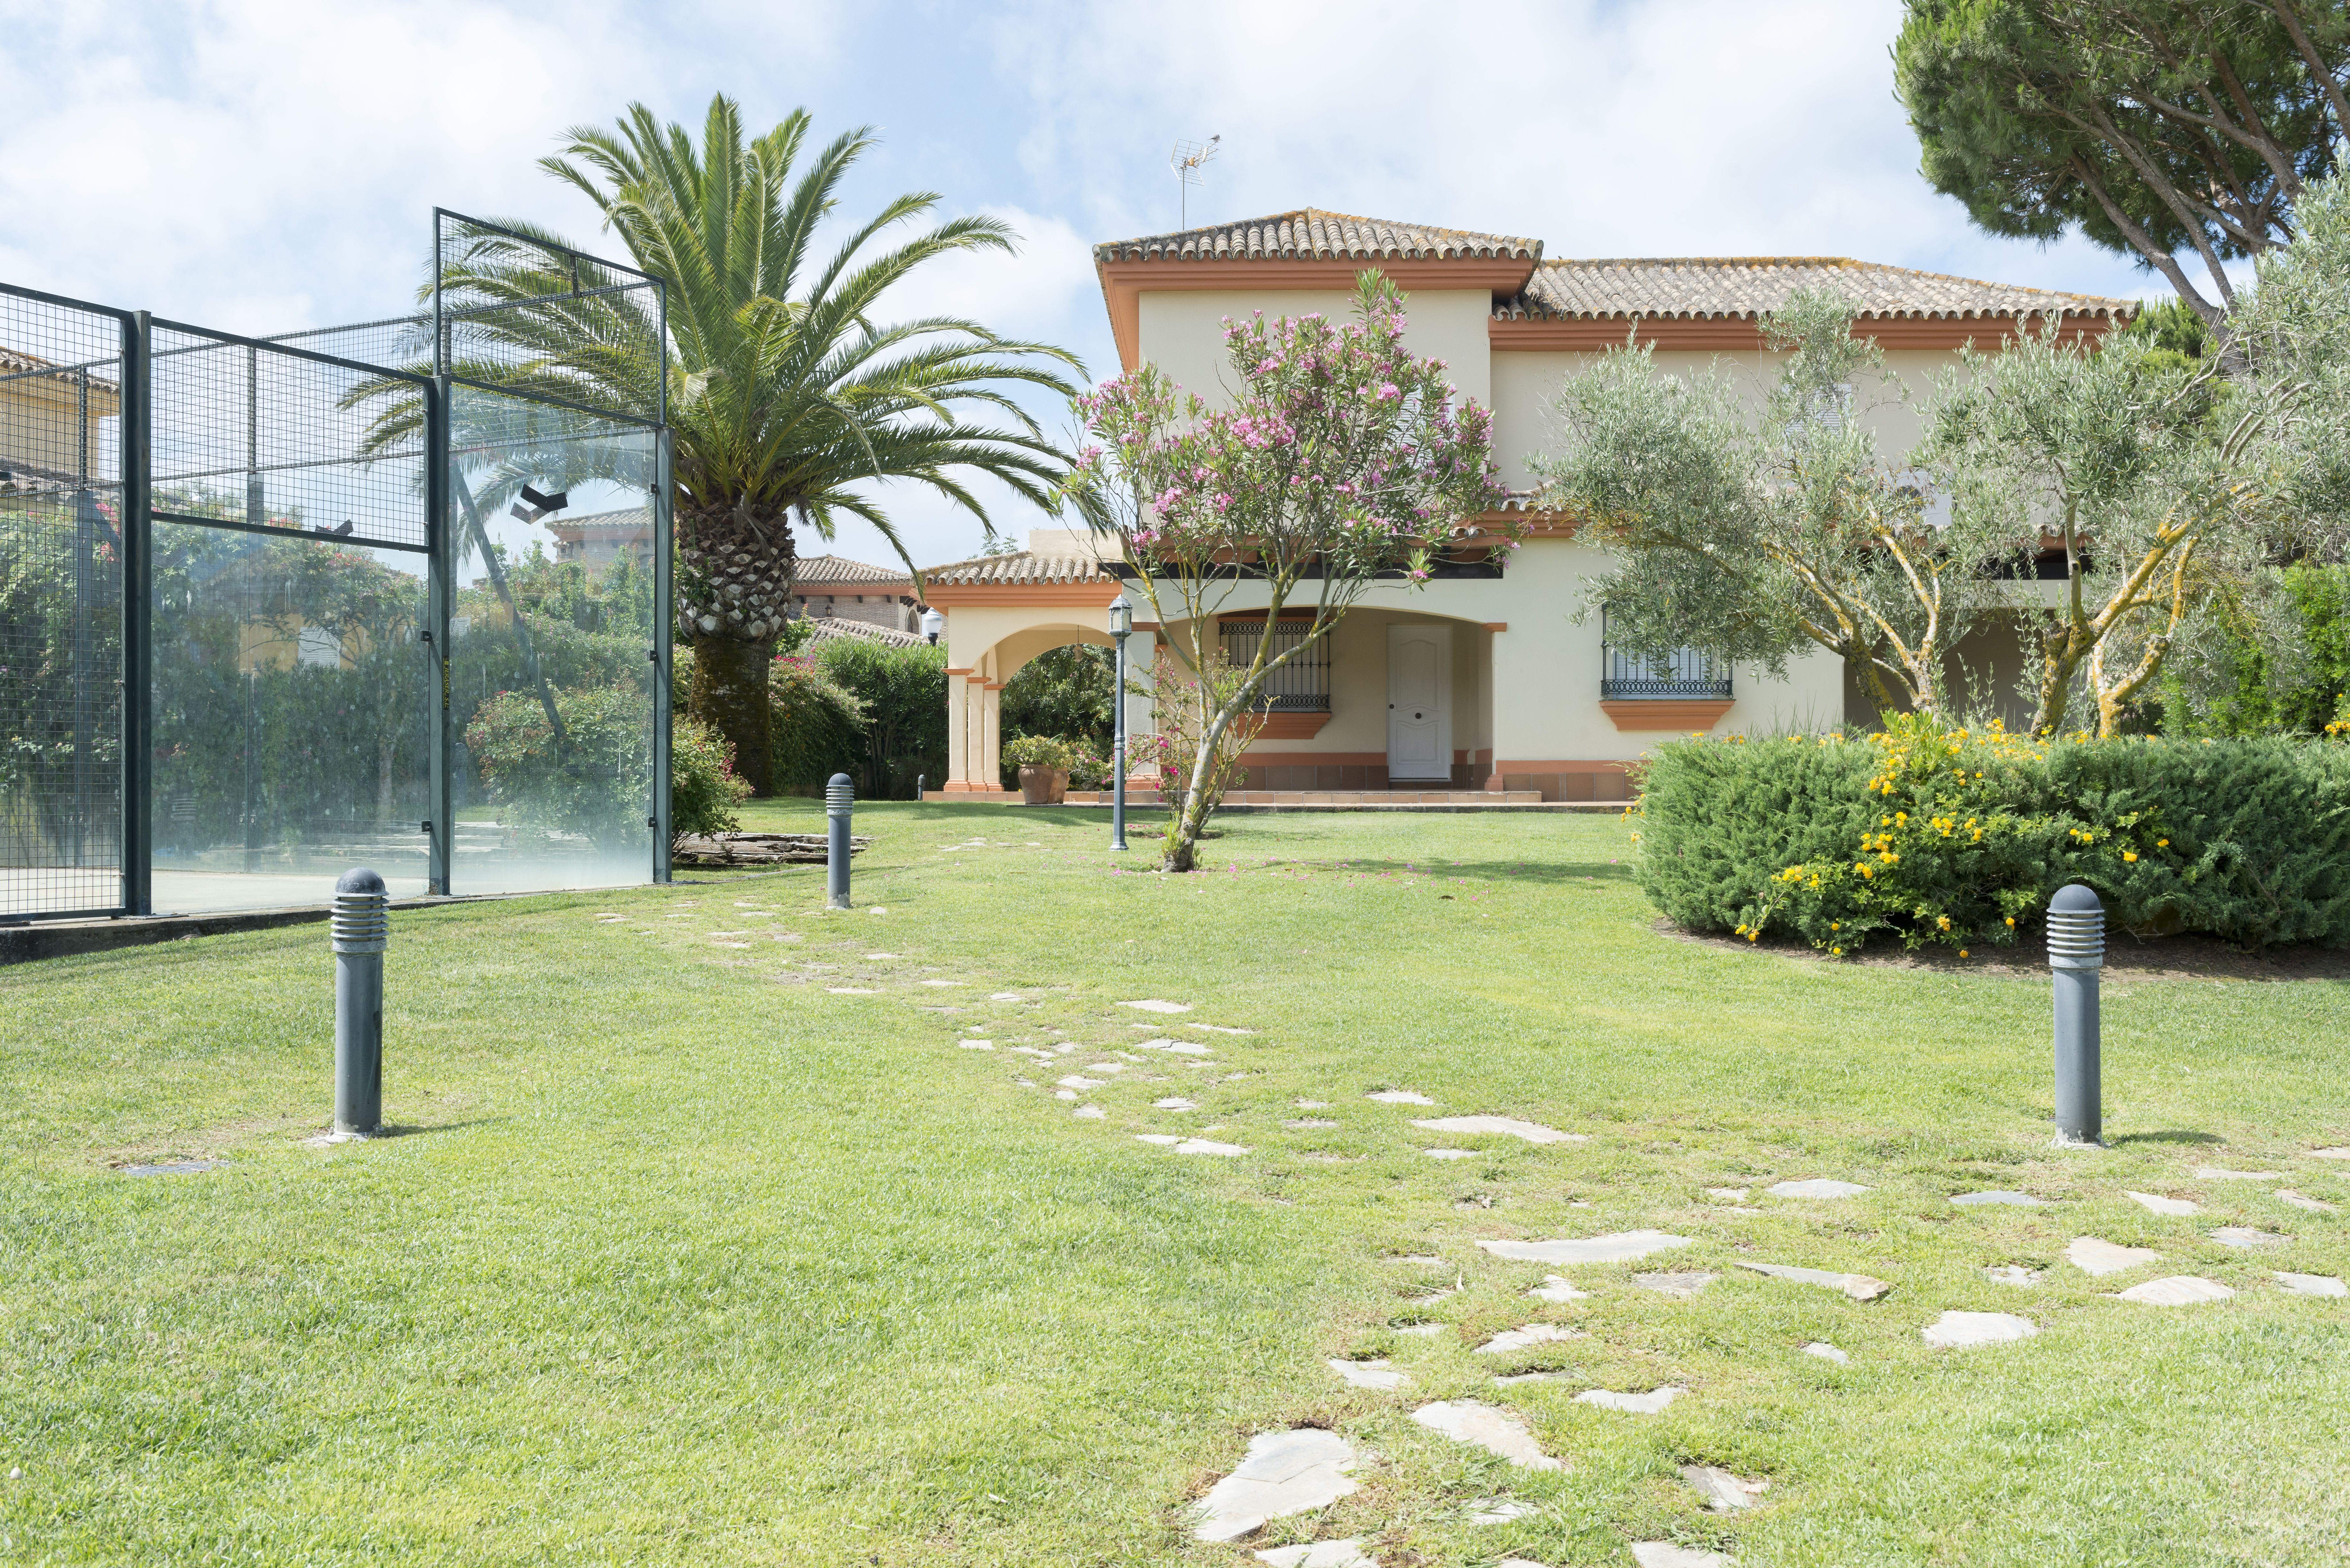 Mantenimiento integral de jardines privados en Cádiz